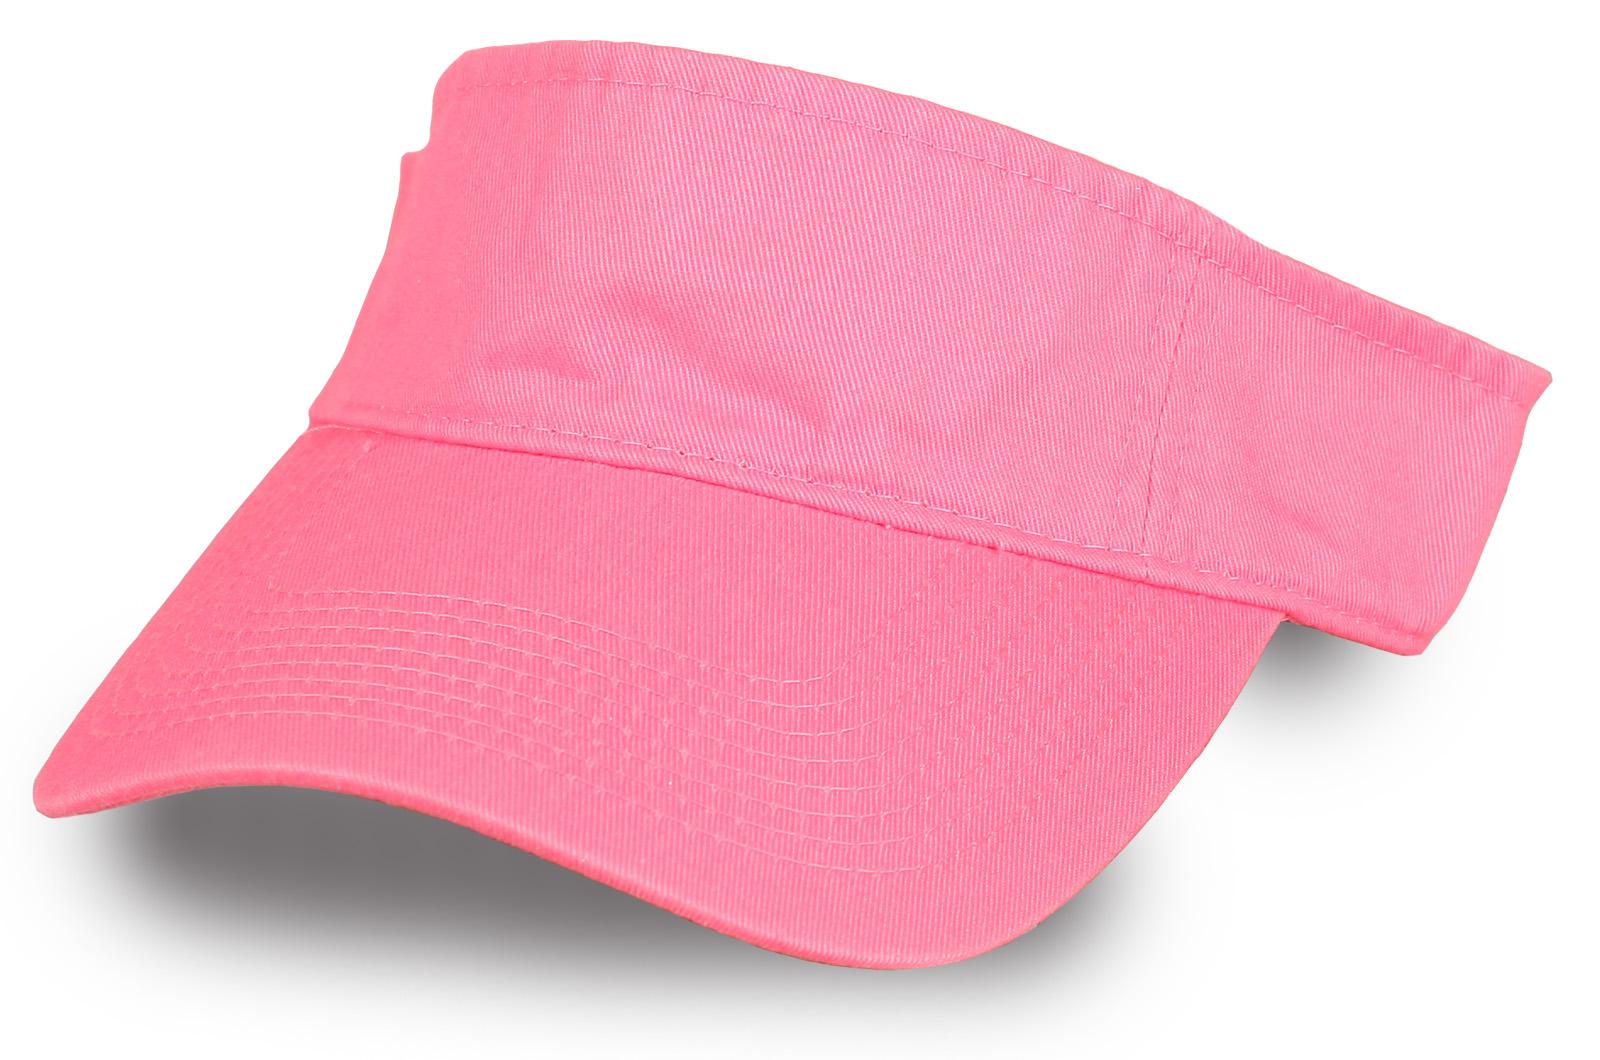 Розовая тенниска - купить в интернет-магазине с доставкой